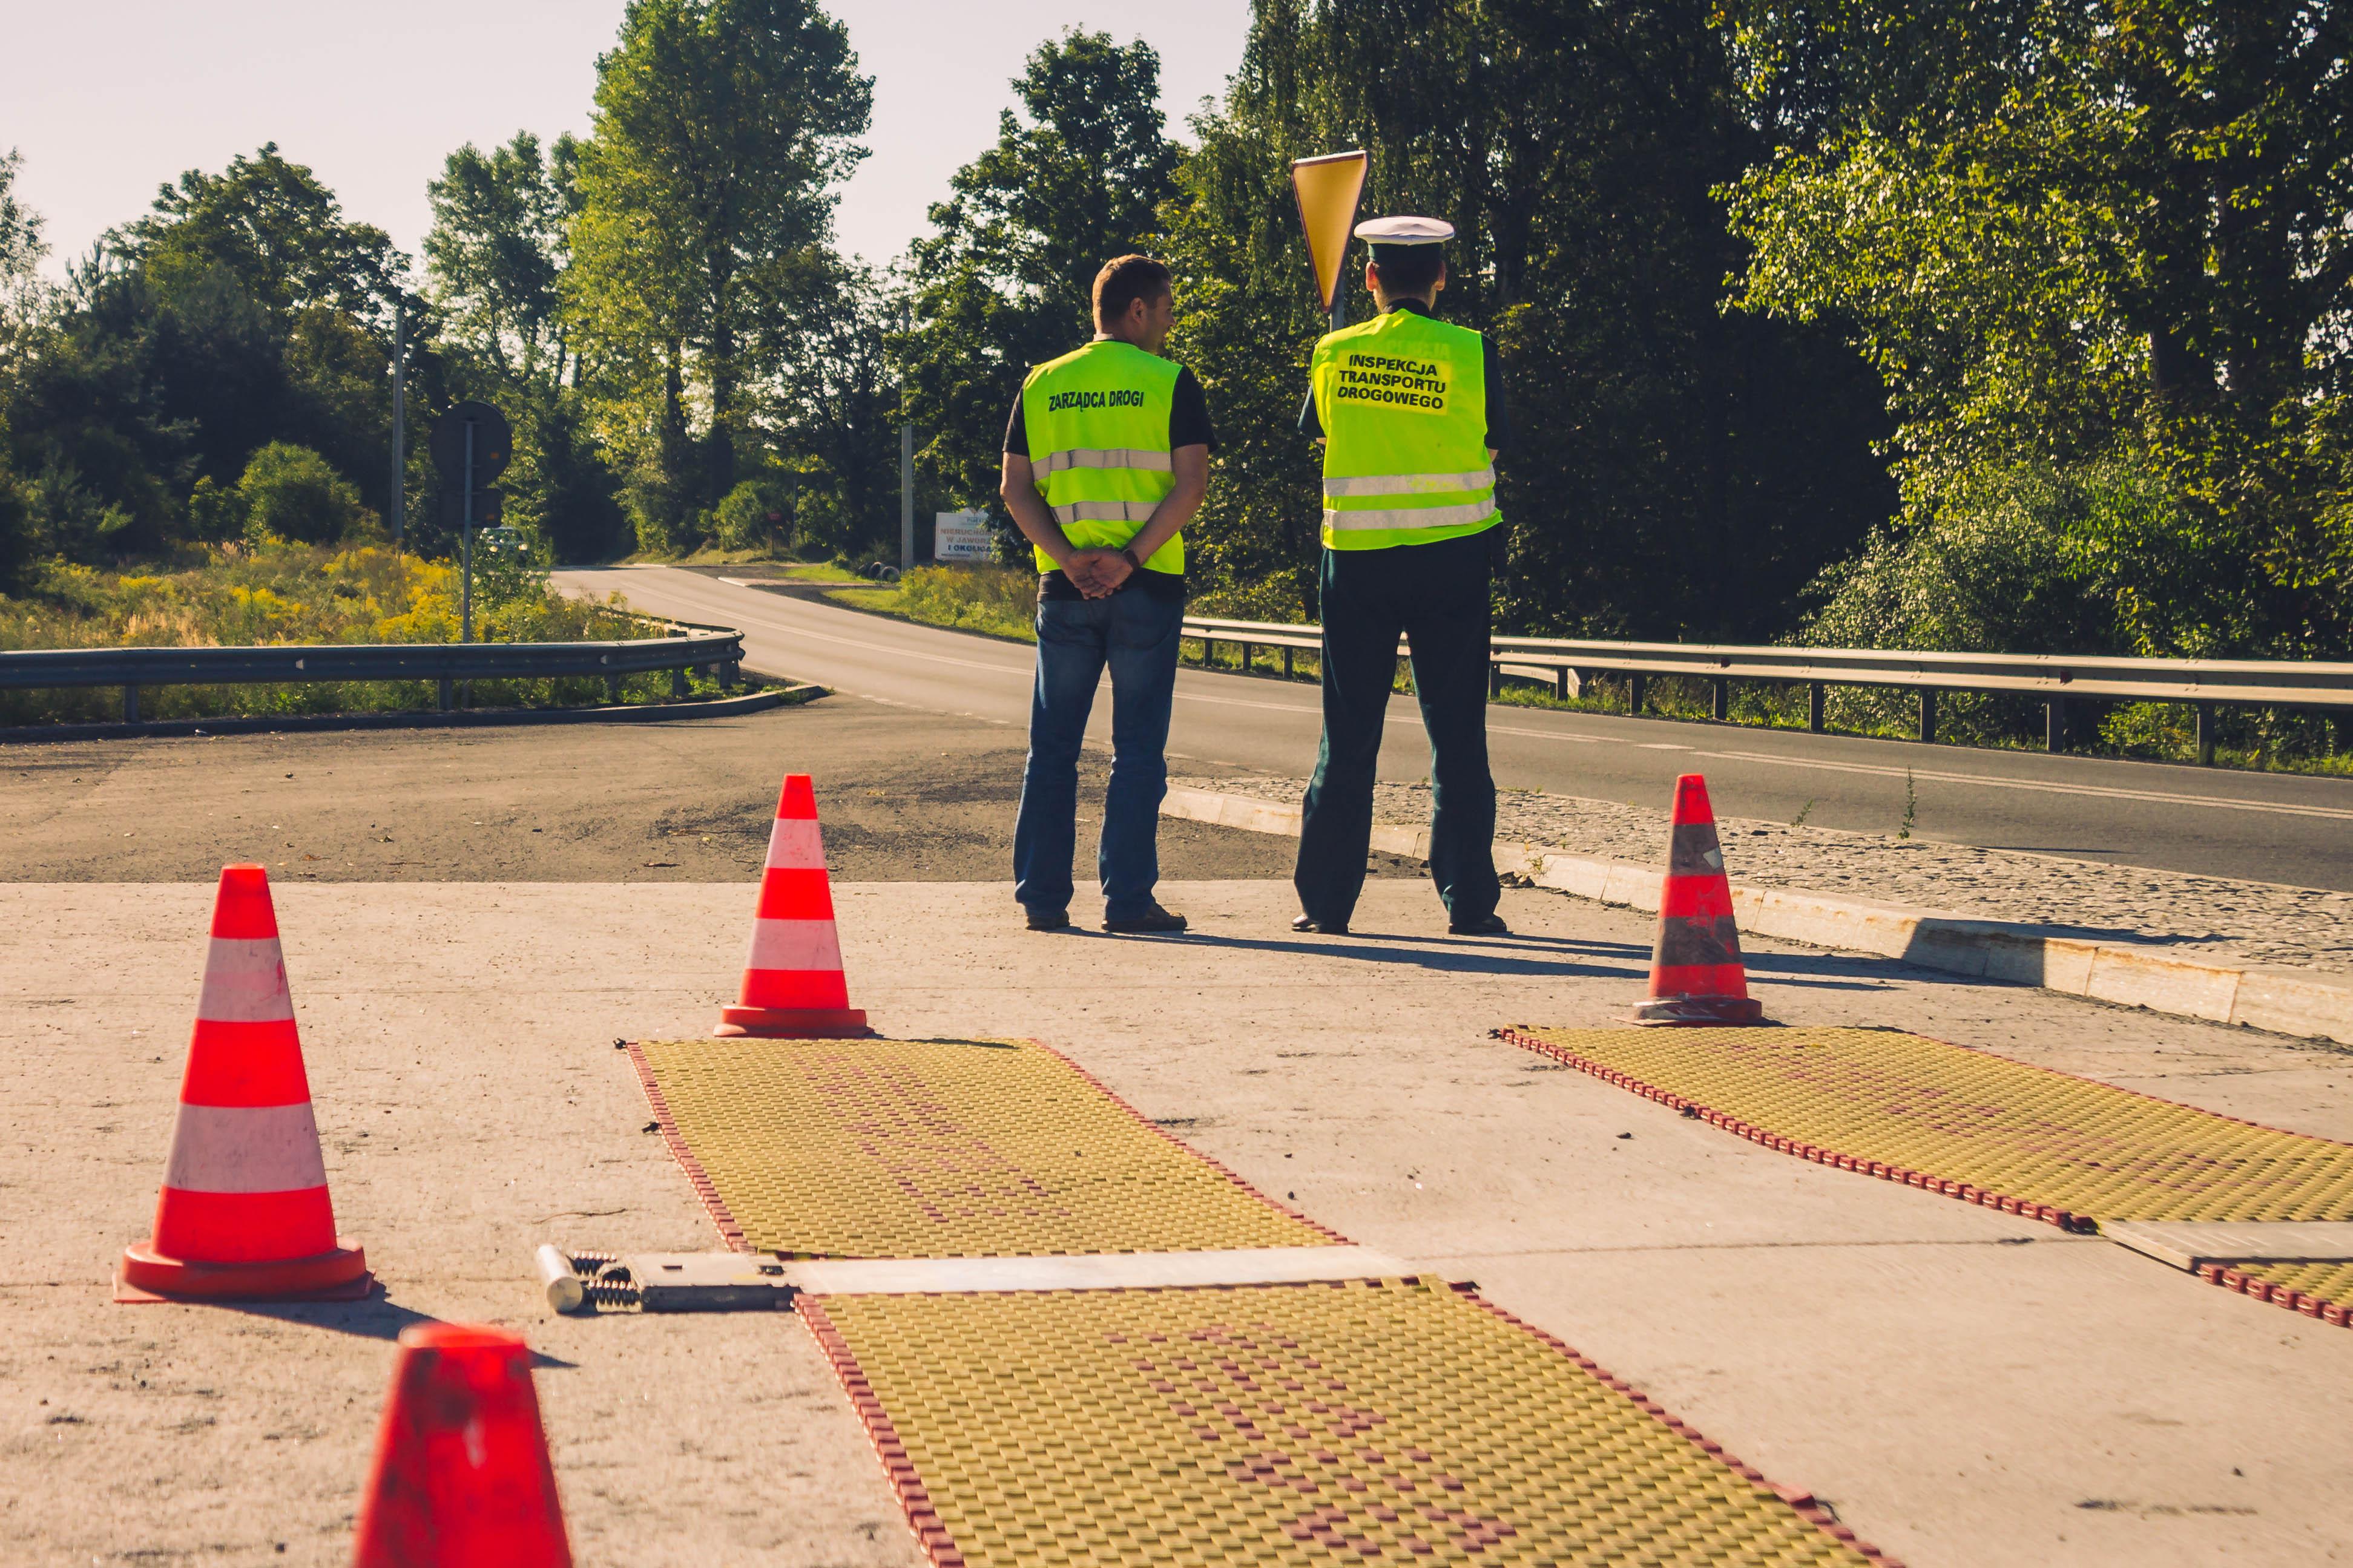 Eliminowanie ruchu pojazdów przeciążonych – działania miejskie